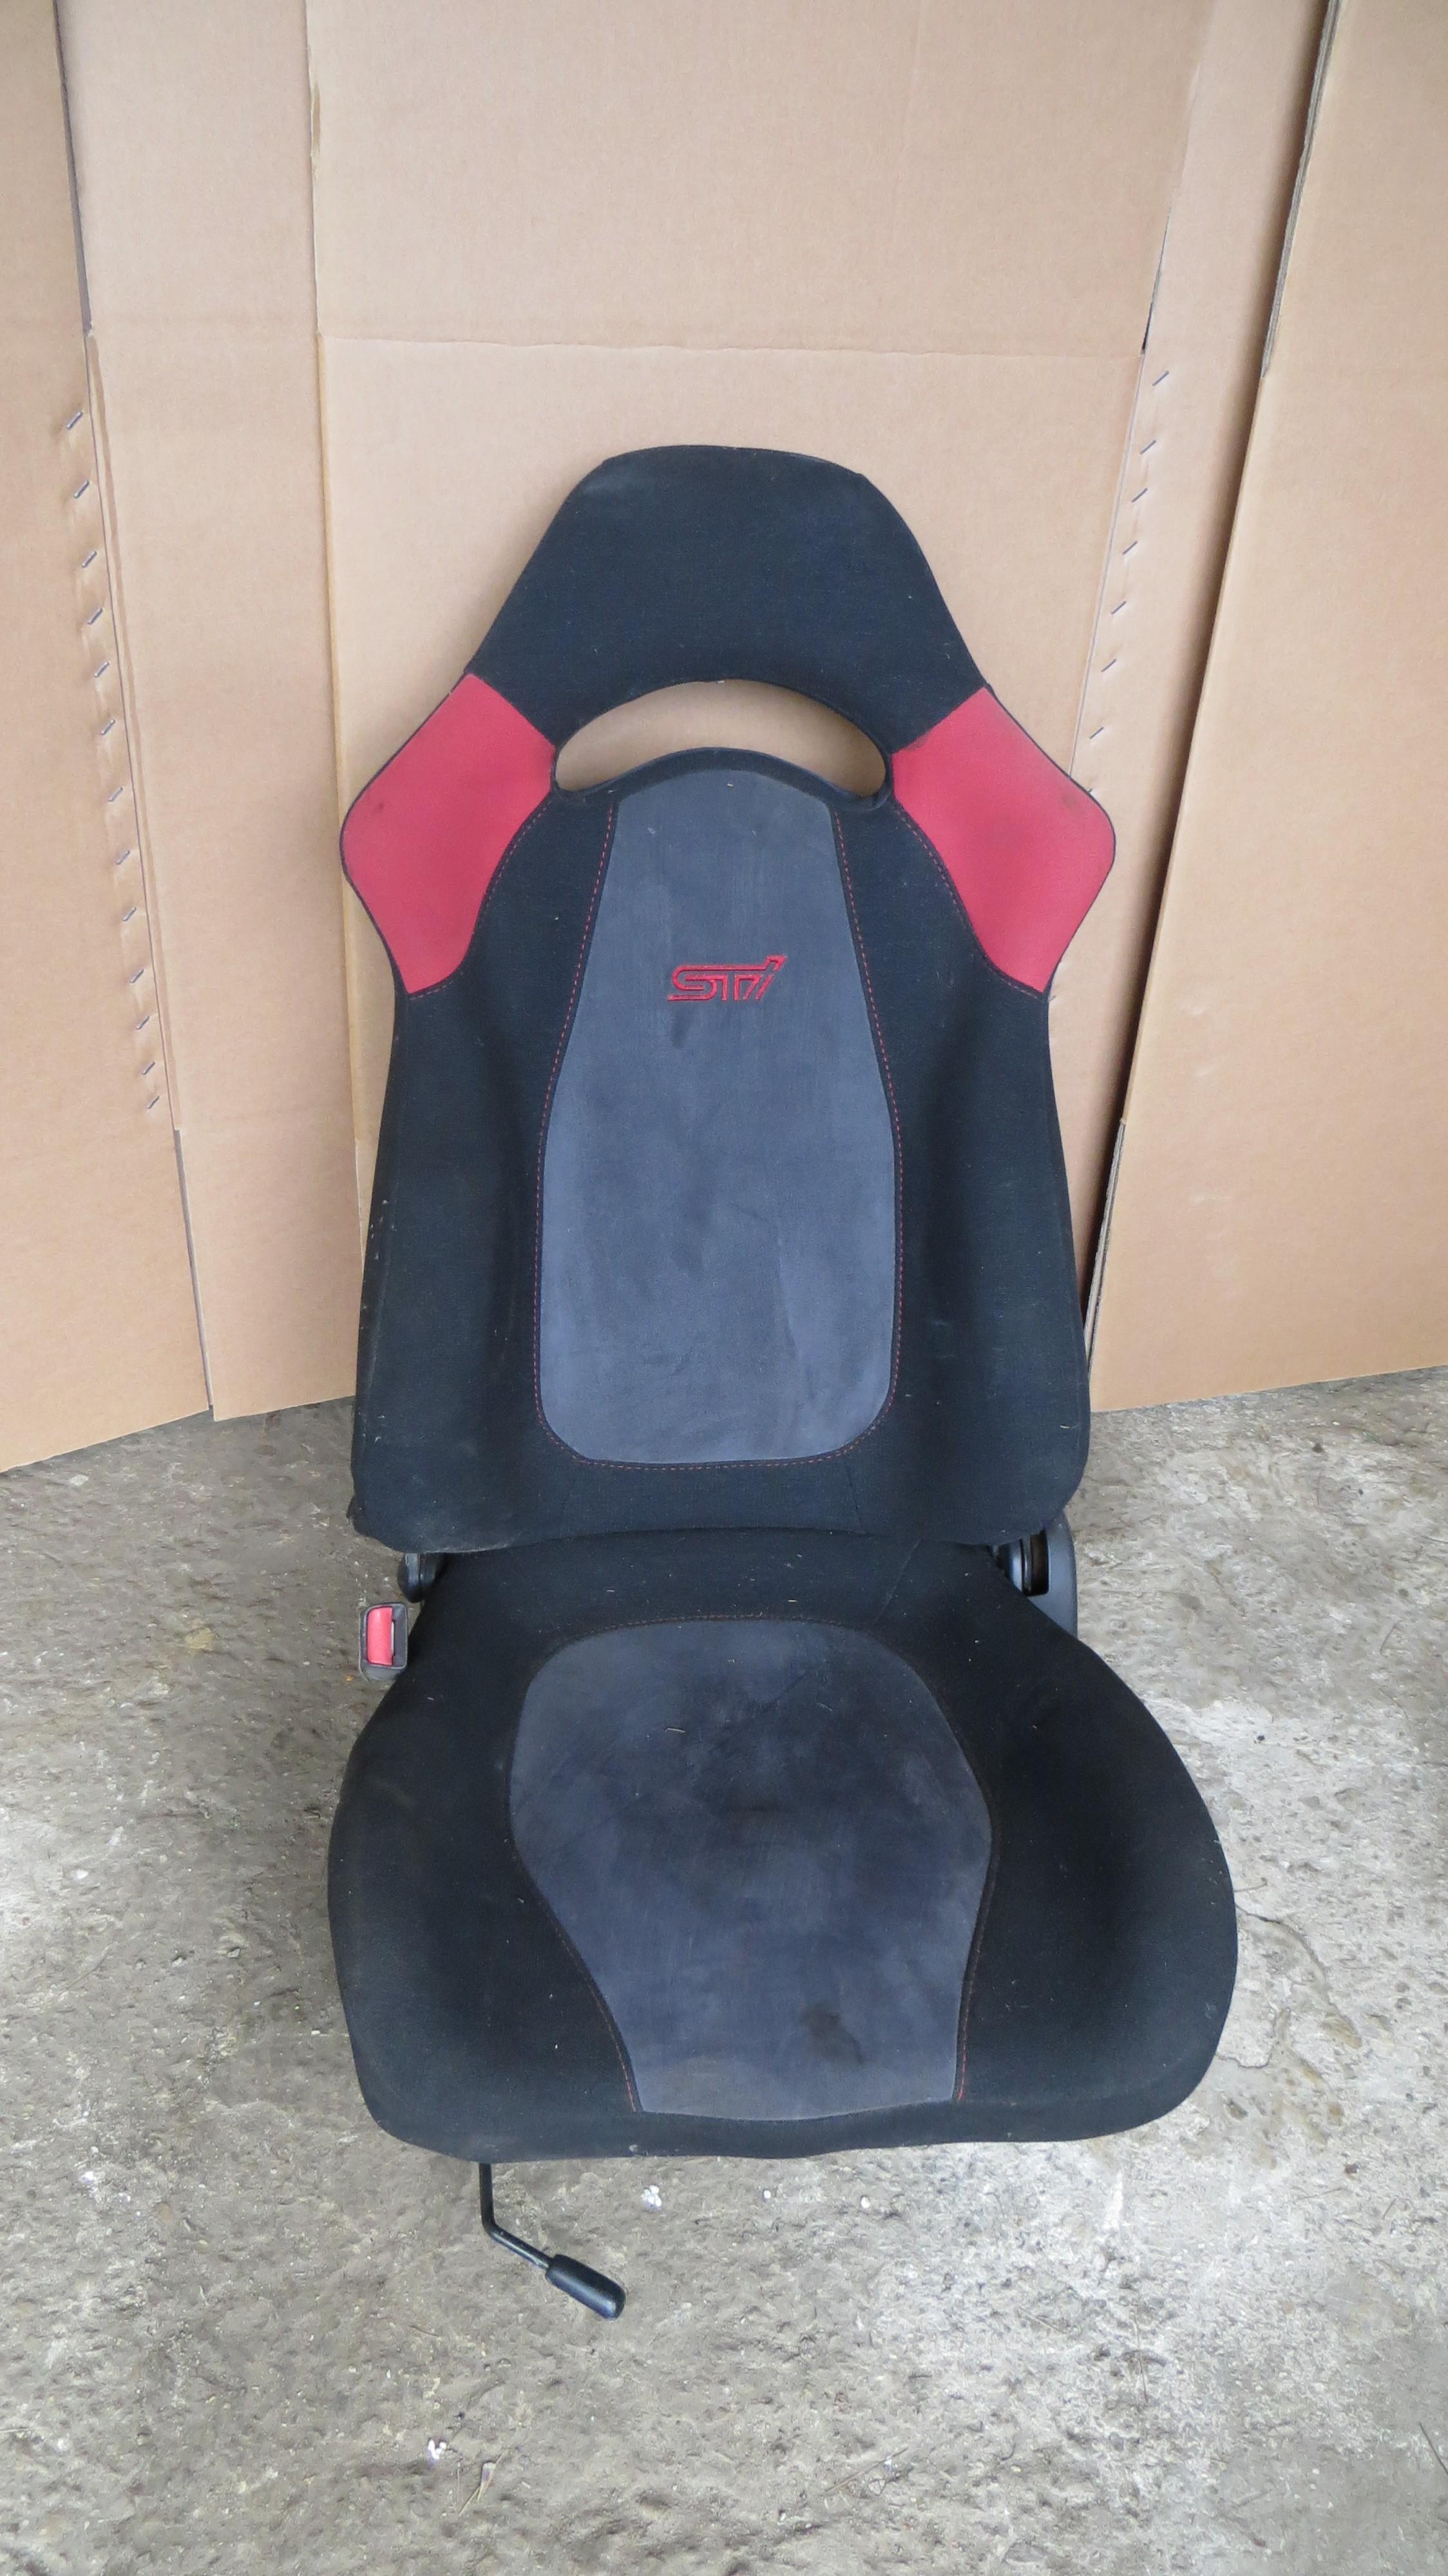 SUBARU IMPREZA WRX STI GC8 CLASSIC V3 V4 PASSENGER SIDE FRONT SEAT